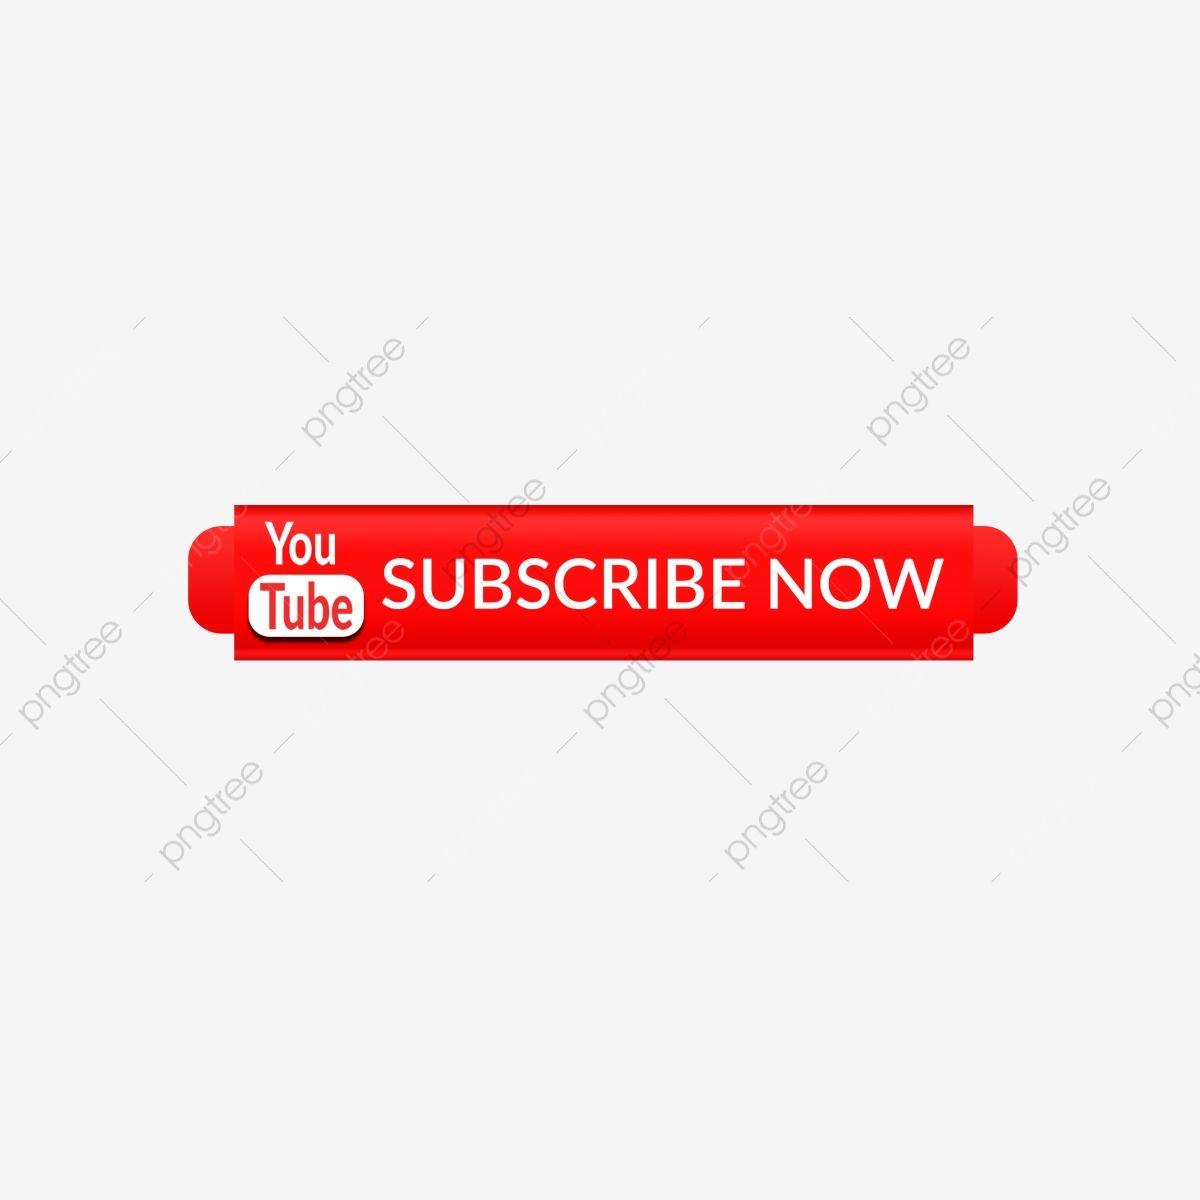 Gambar Logo Youtube Langganan Sekarang Ikon Butang Ikon Youtube Logo Ikon Ikon Butang Png Dan Psd Untuk Muat Turun Percuma Logo Youtube Gambar Bergerak Gambar